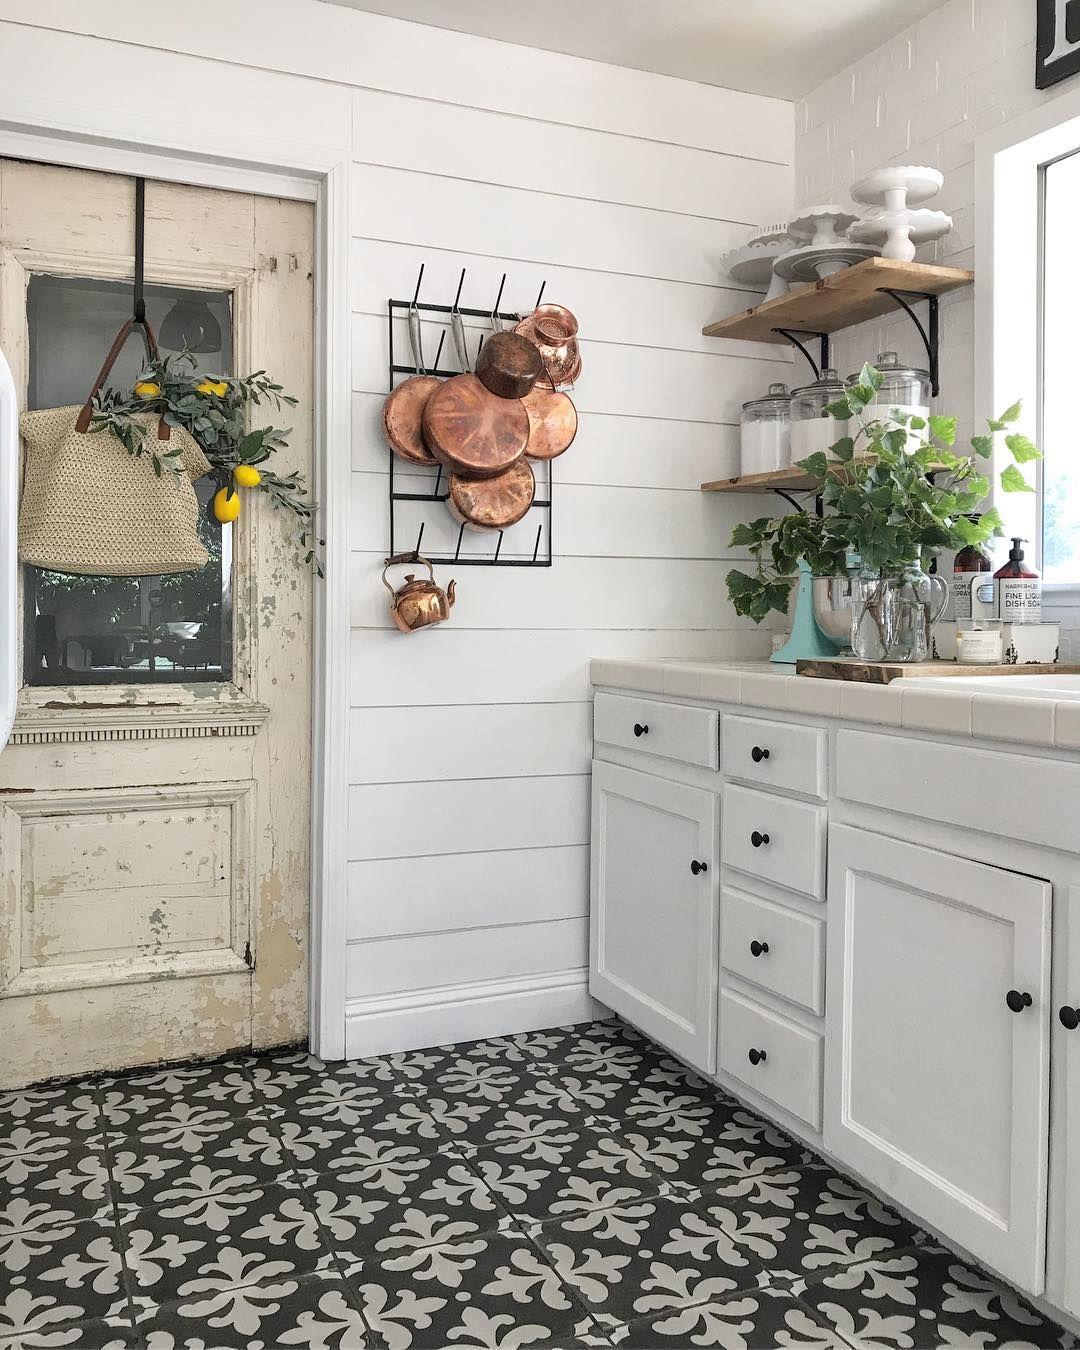 Pin de Brittany Crockett en •Home Is Where The Heart Is• | Pinterest ...